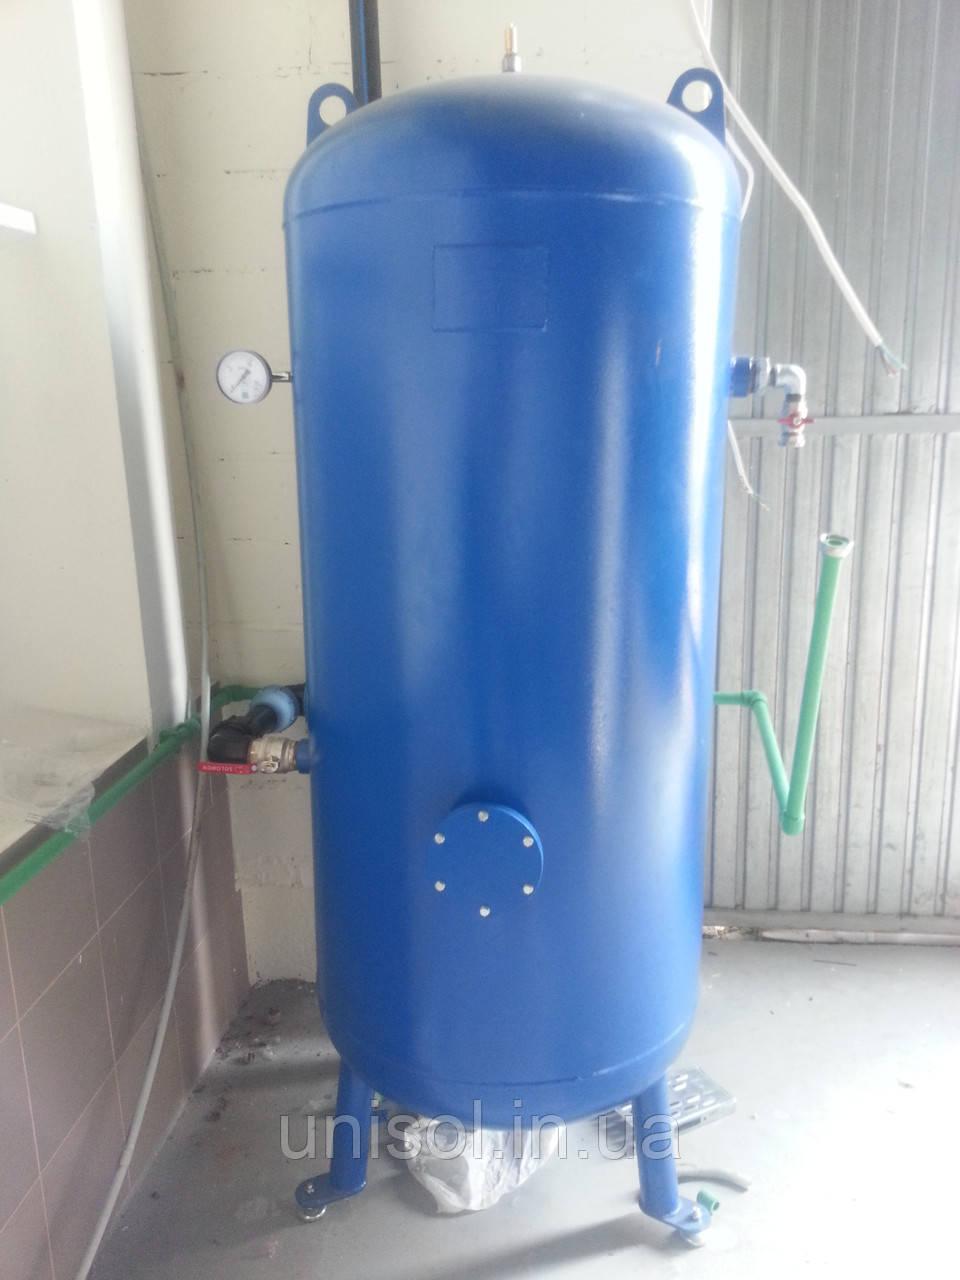 Ресивер для сжатого воздуха  900 литров в Украине